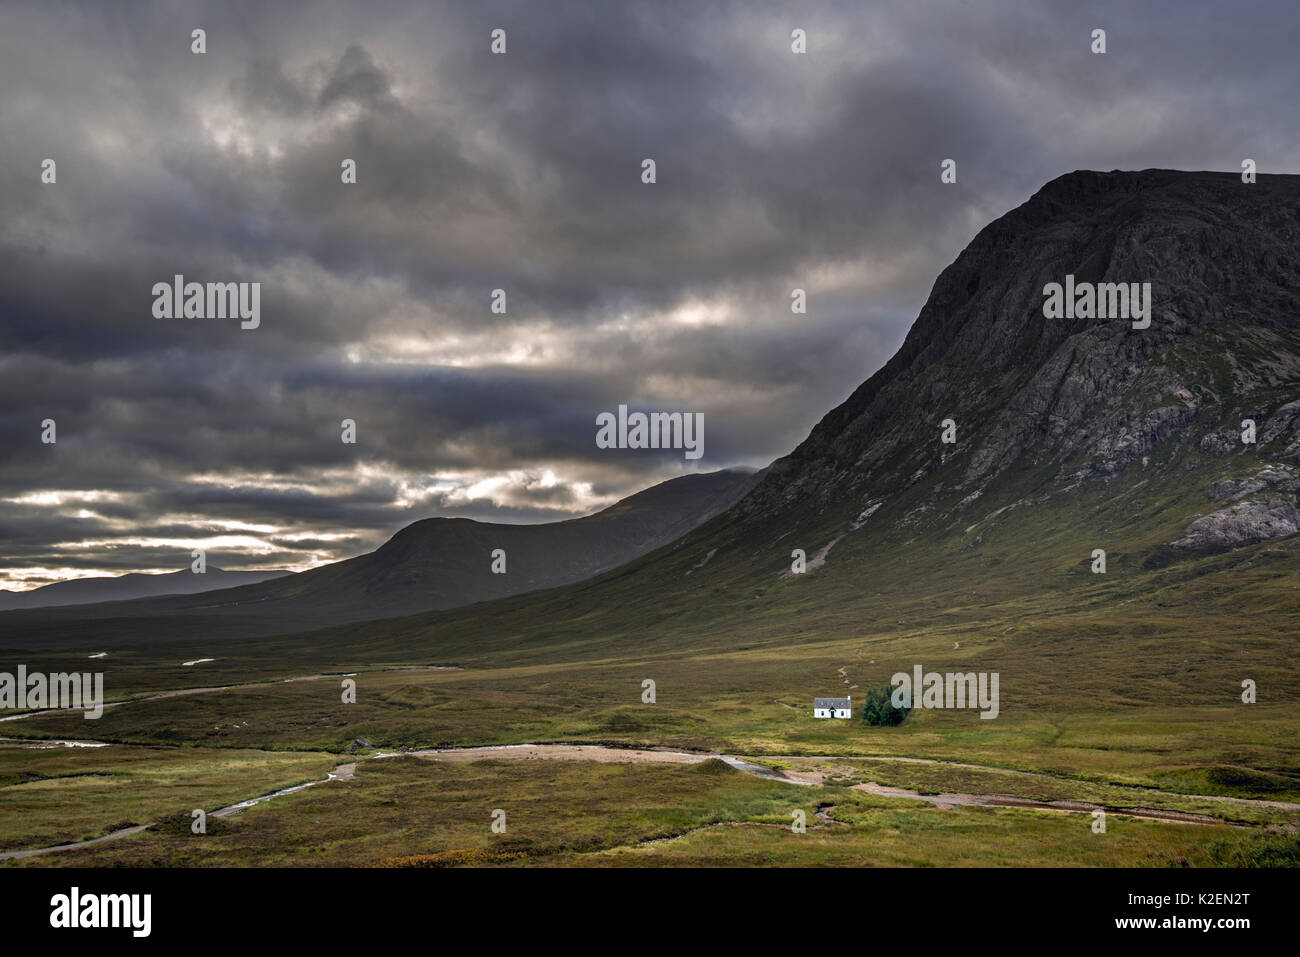 Le Lagangarbh Hut à distance le long de la rivière en face de Coupall Buachaille Etive Mor dans Glen Coe un jour de pluie, les Highlands écossais, Écosse, Royaume-Uni, Septembre 2016 Photo Stock